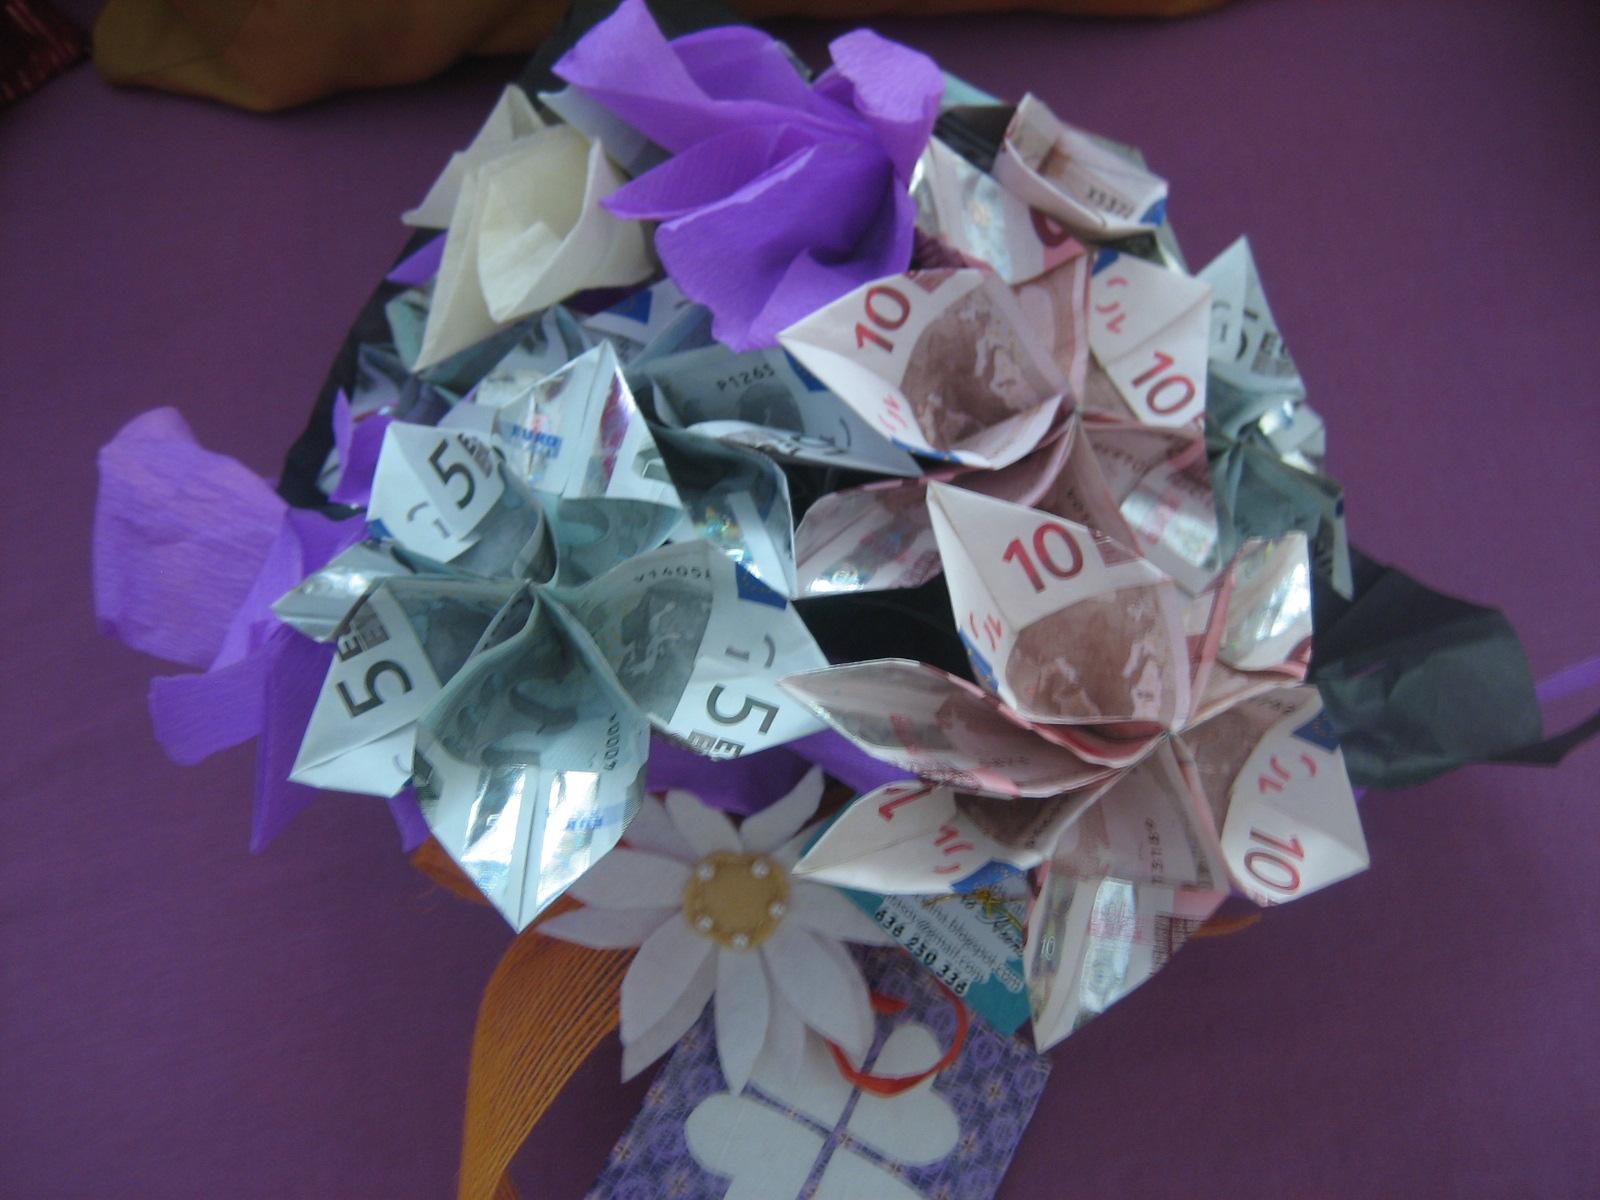 La boutique de la luciernaga bouquet de billetes regalo for Regalos para hermanos en boda